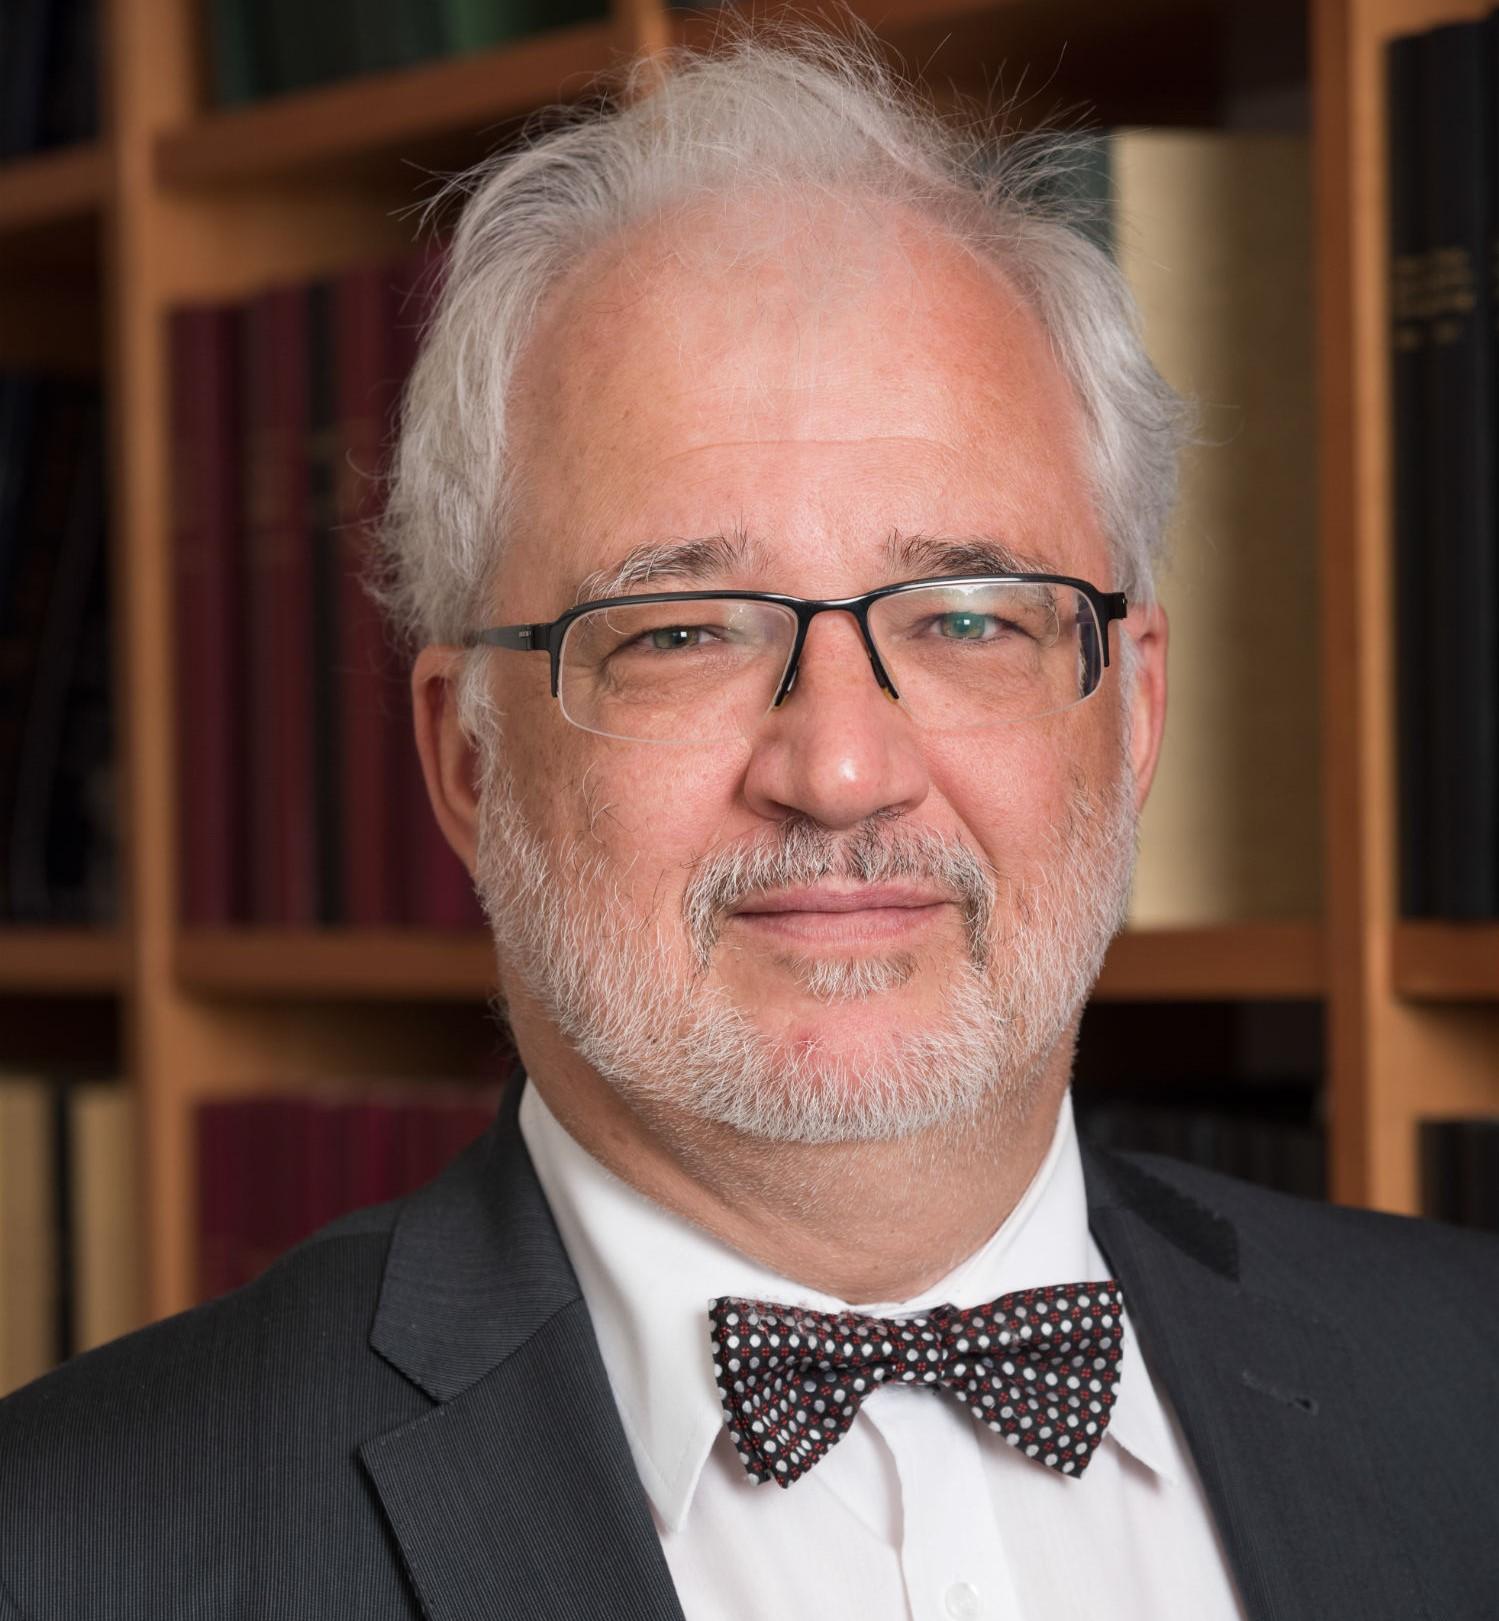 schmidhammer.at-Dr. Bernd Schmidhammer-profile-2